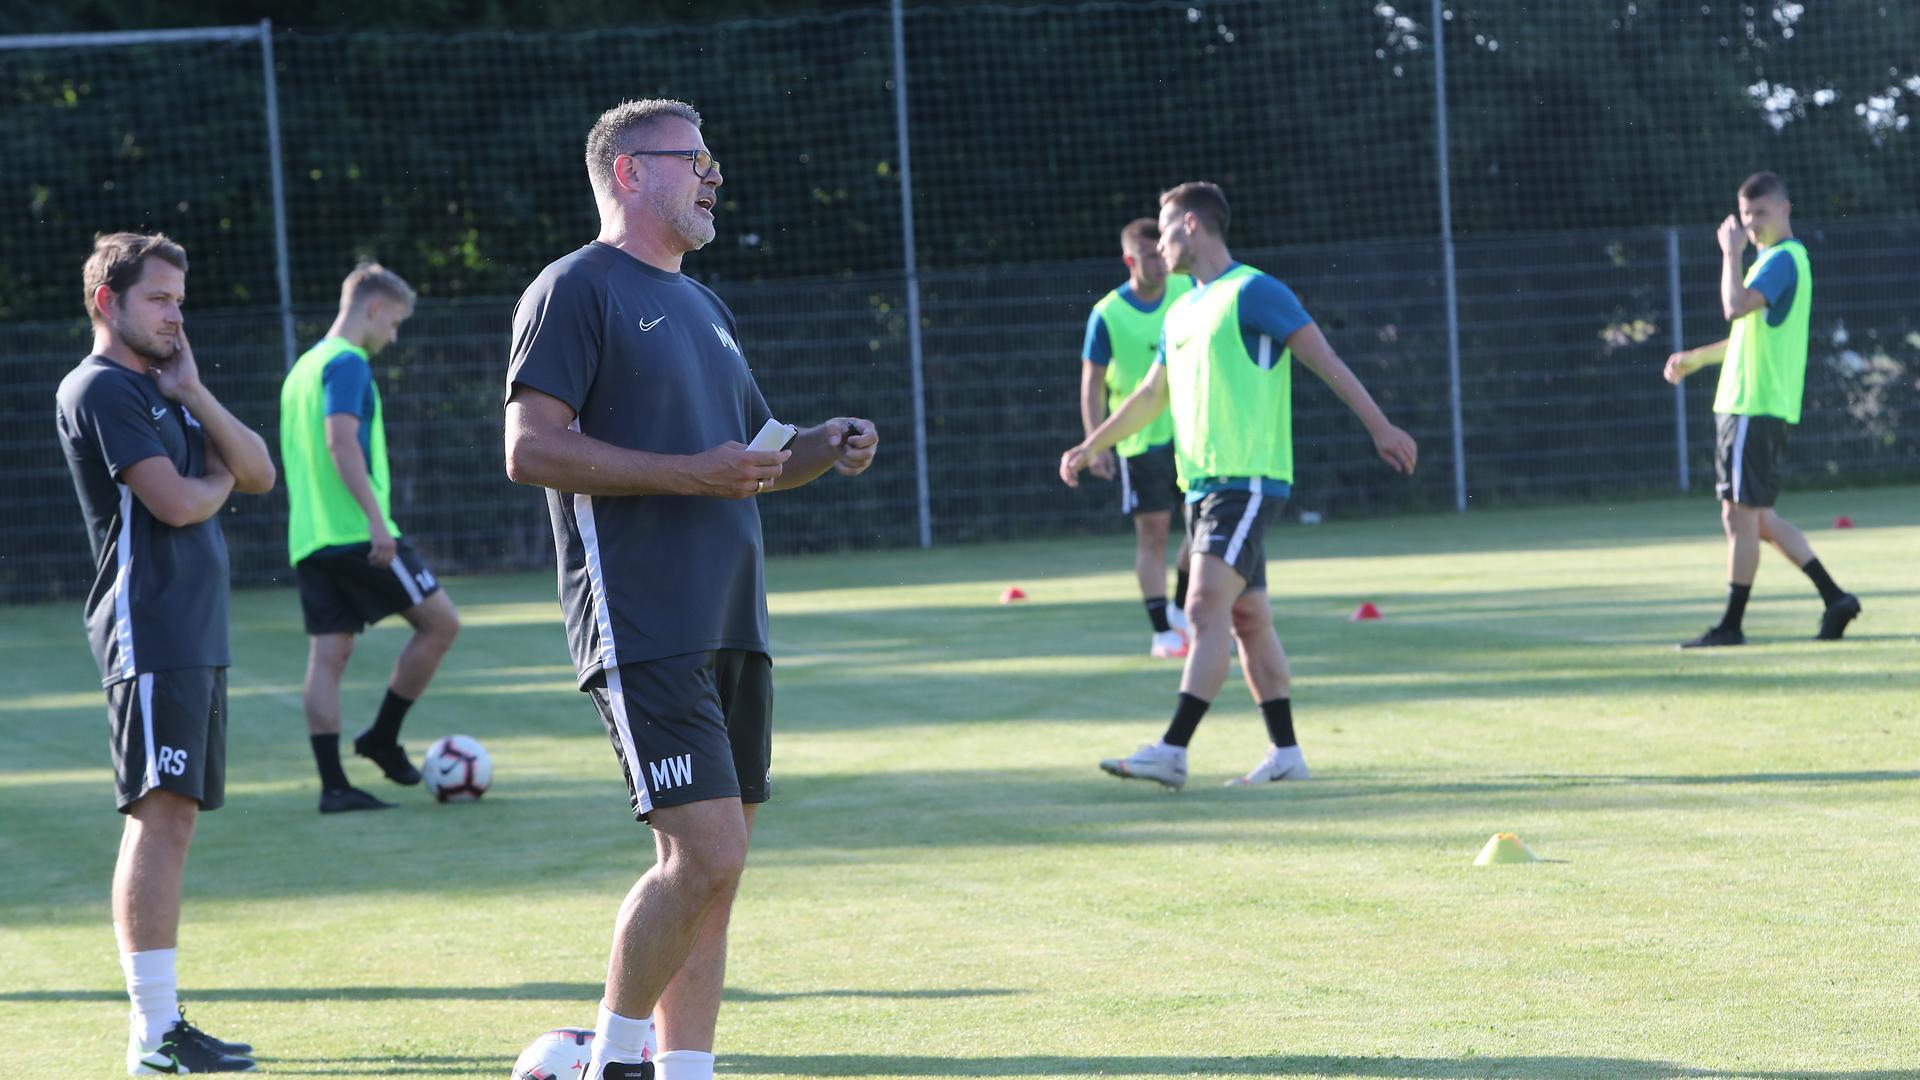 Wenninger Marcus Trainer_Schenker Reinhard Co-Trainer li FCN